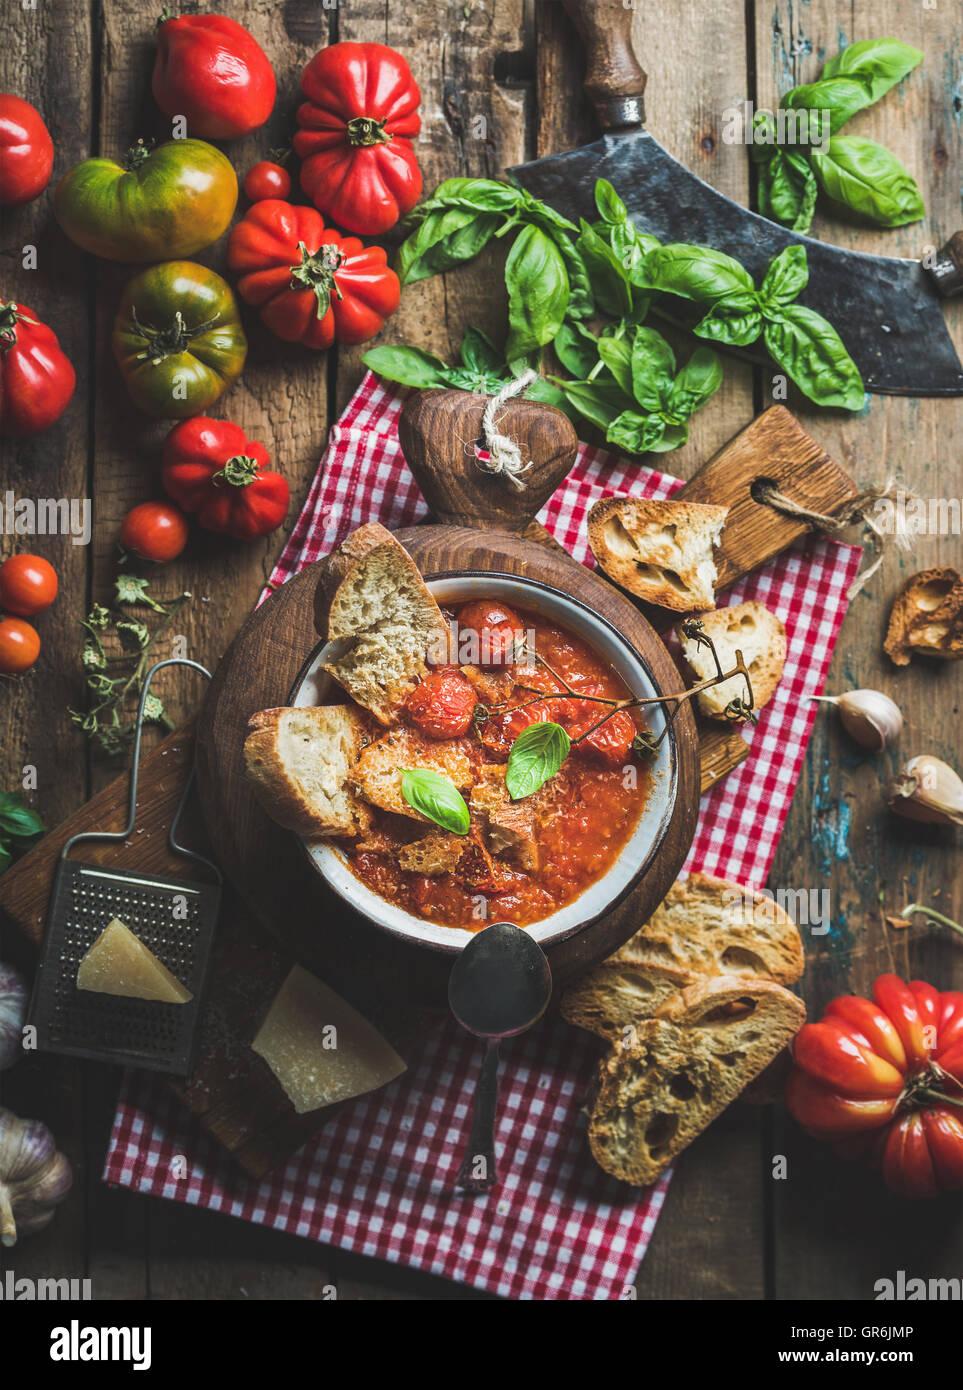 Tomate italienne soupe à l'ail et le basilic, pain, fromage Parmesan Photo Stock